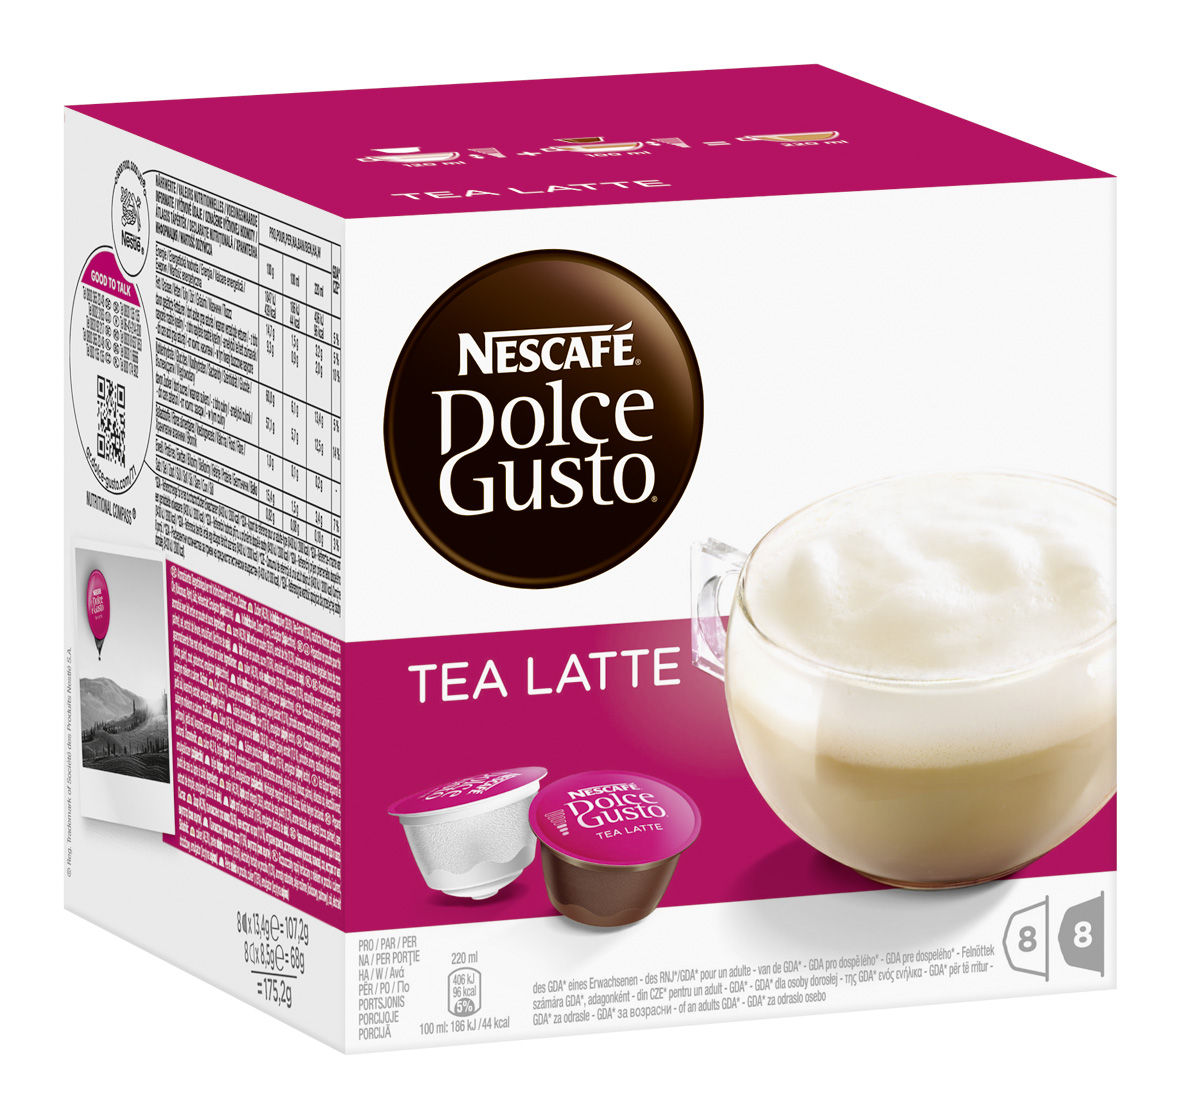 Nescafé Dolce Gusto Tea Latte, 16 Capsules (8 Servings) At